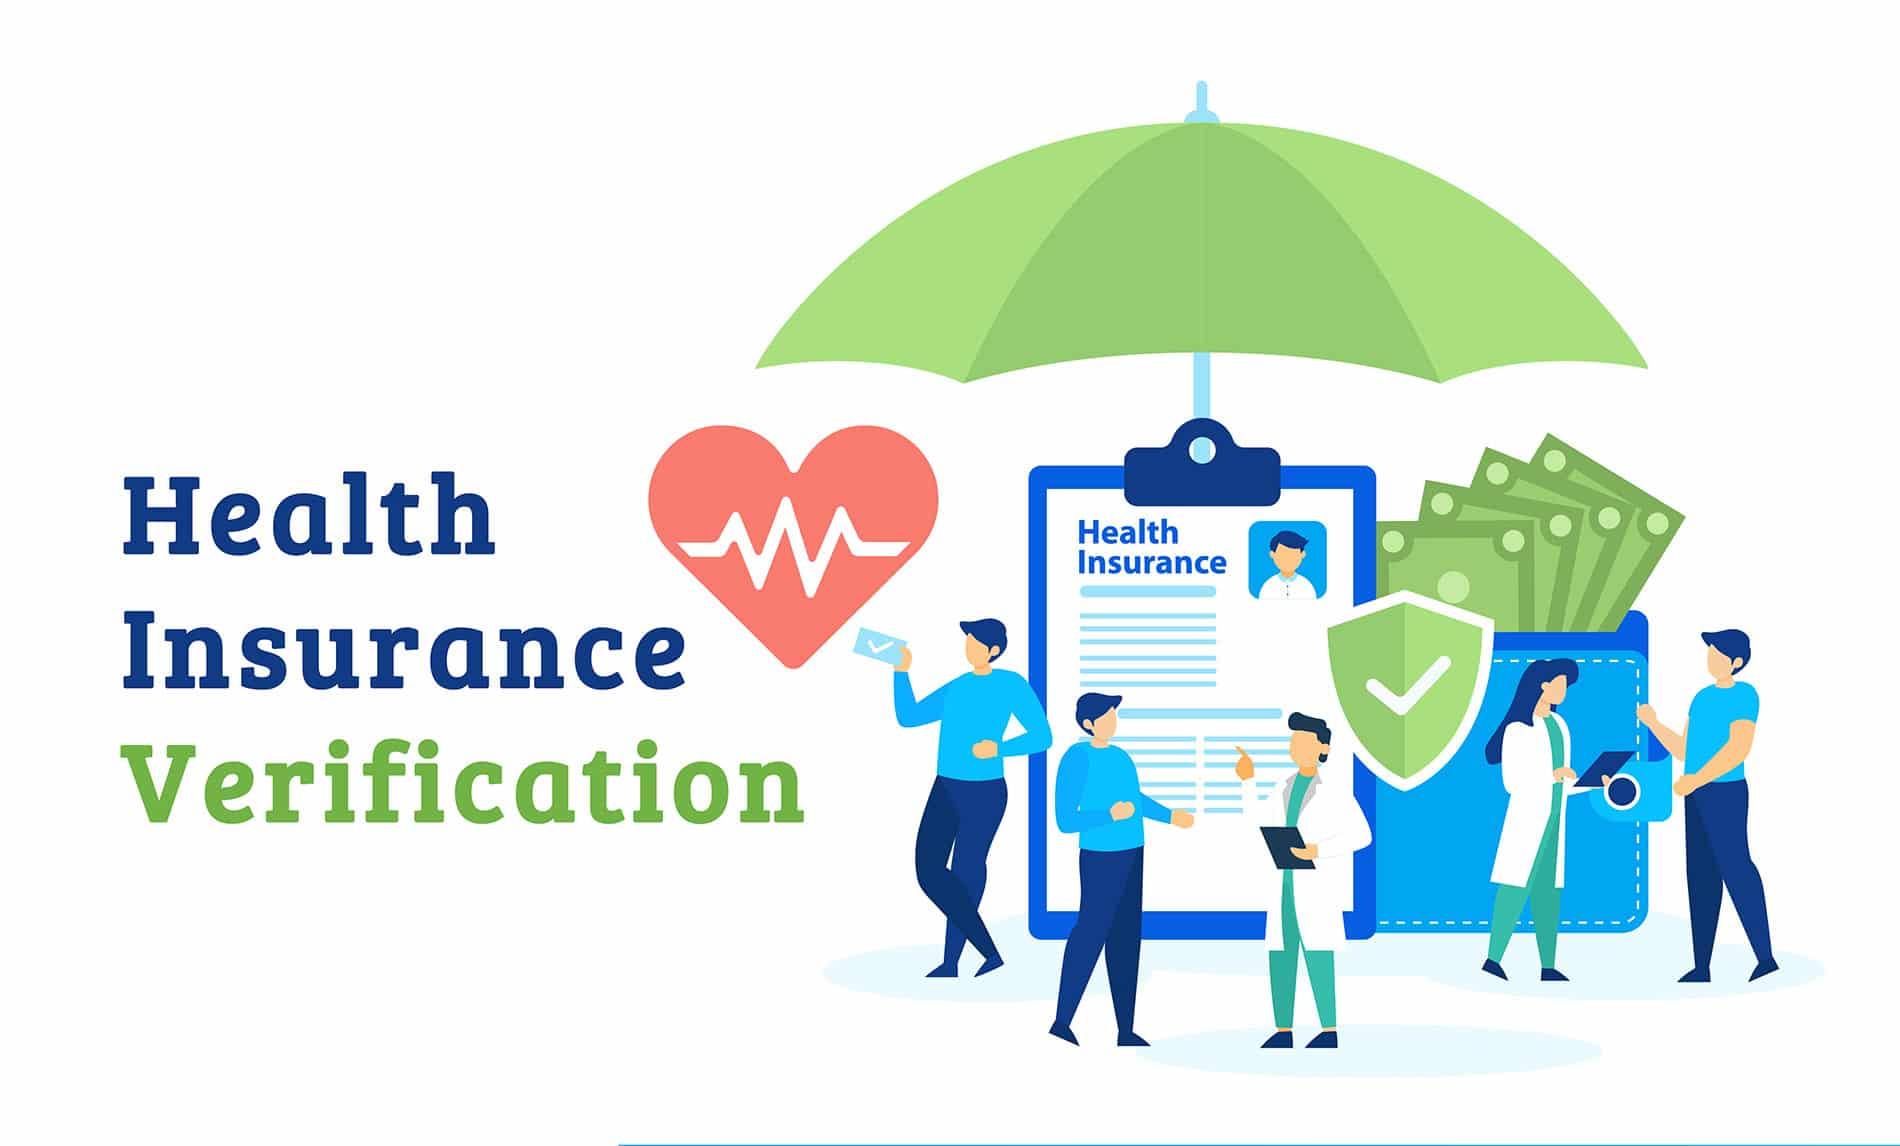 Health insurance verification company